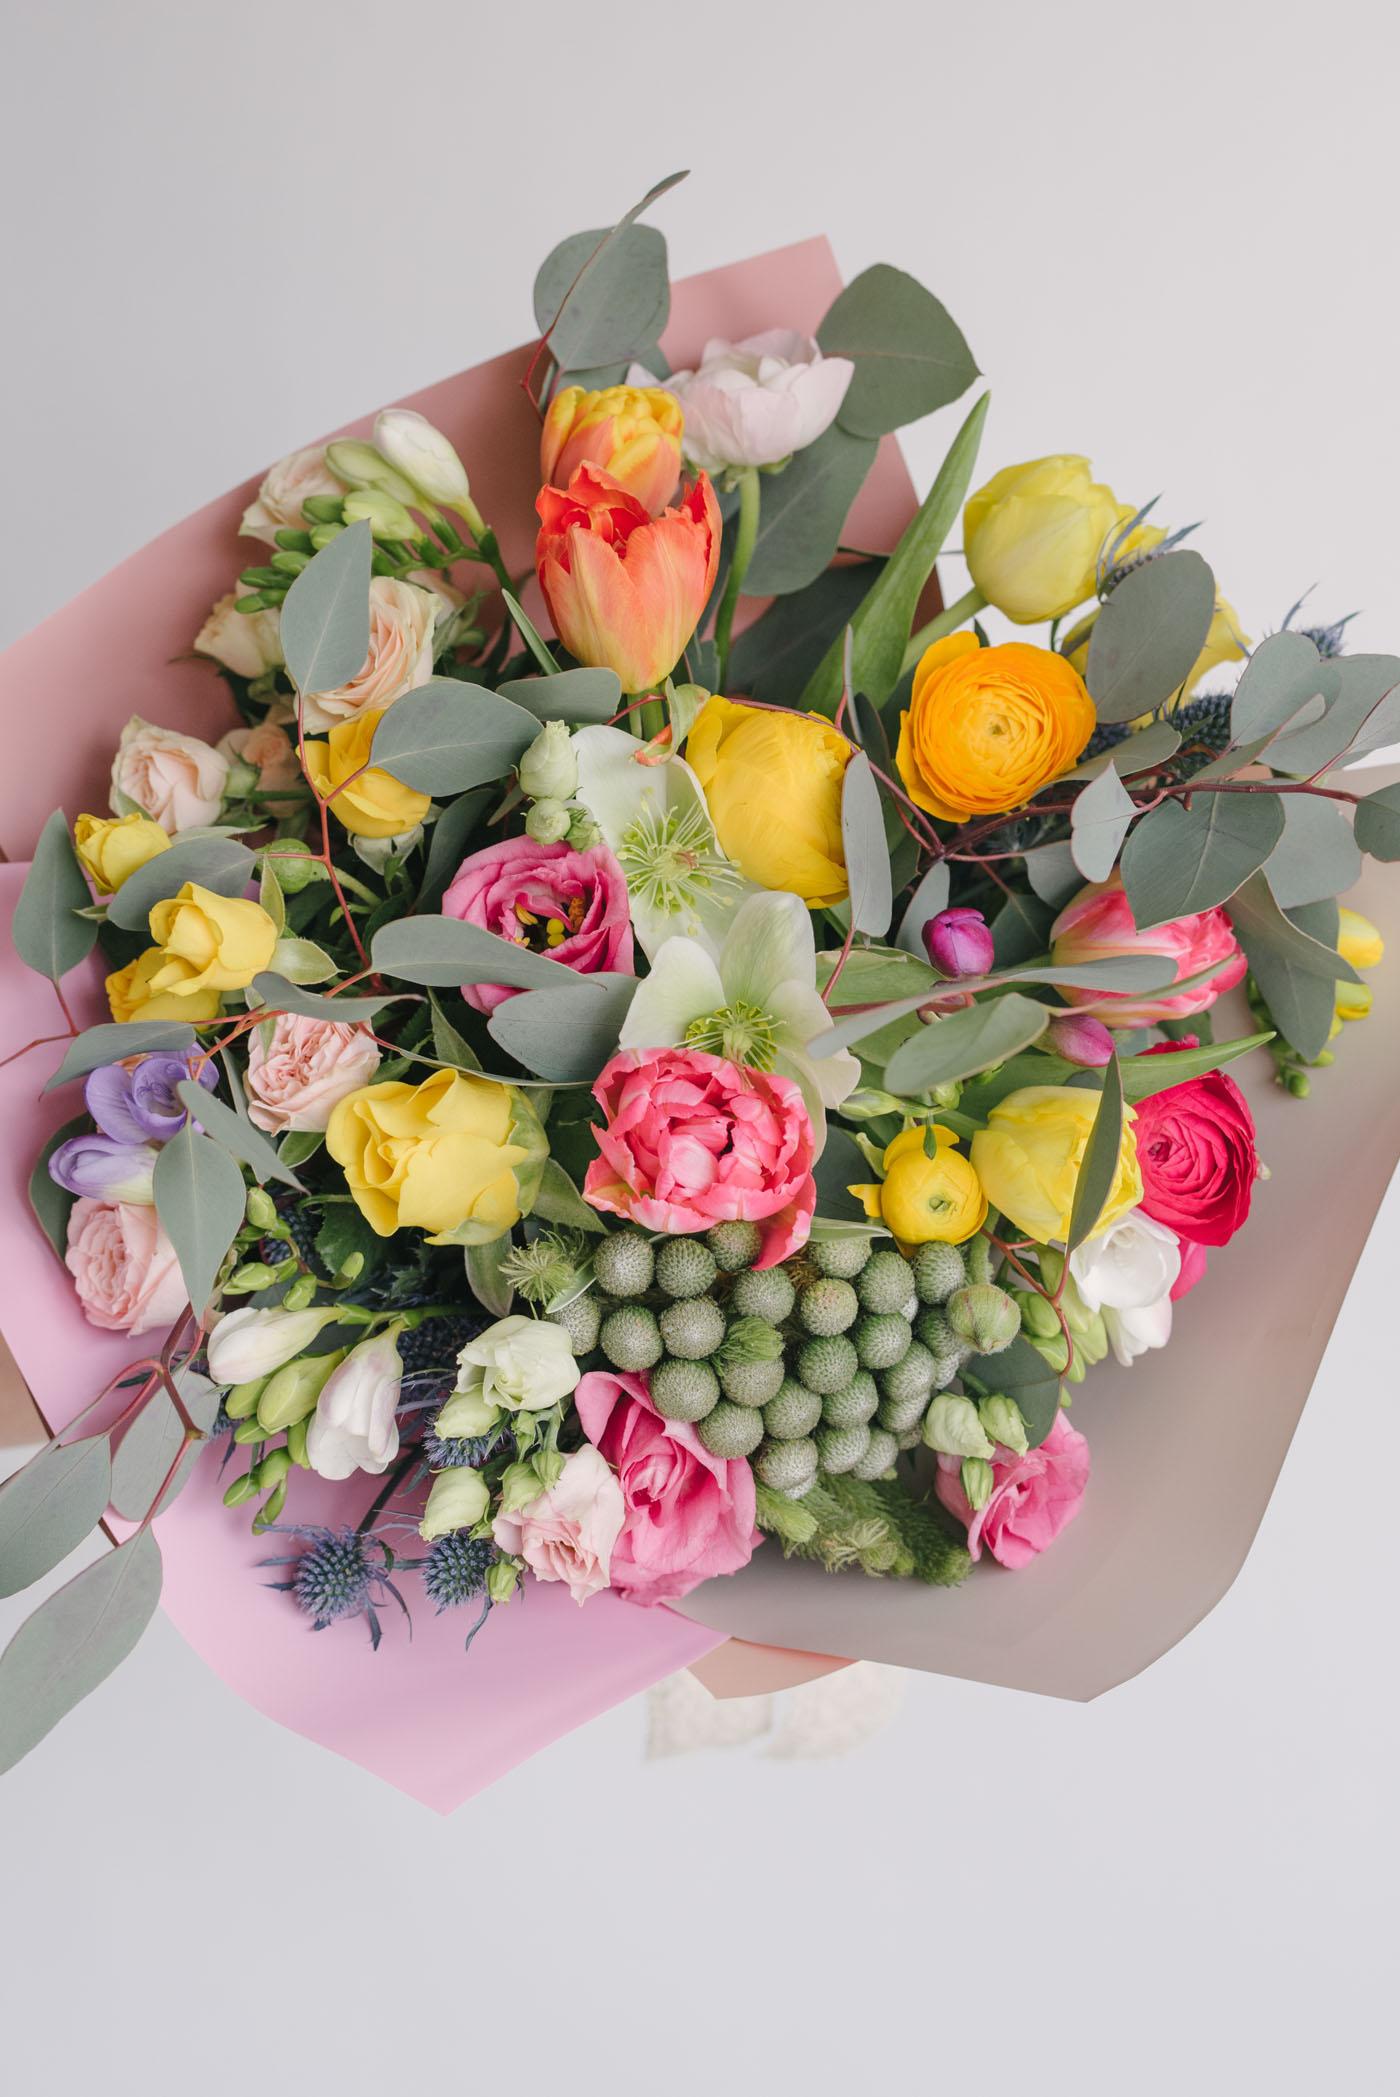 Buchet Cu Flori Colorate De Primavara